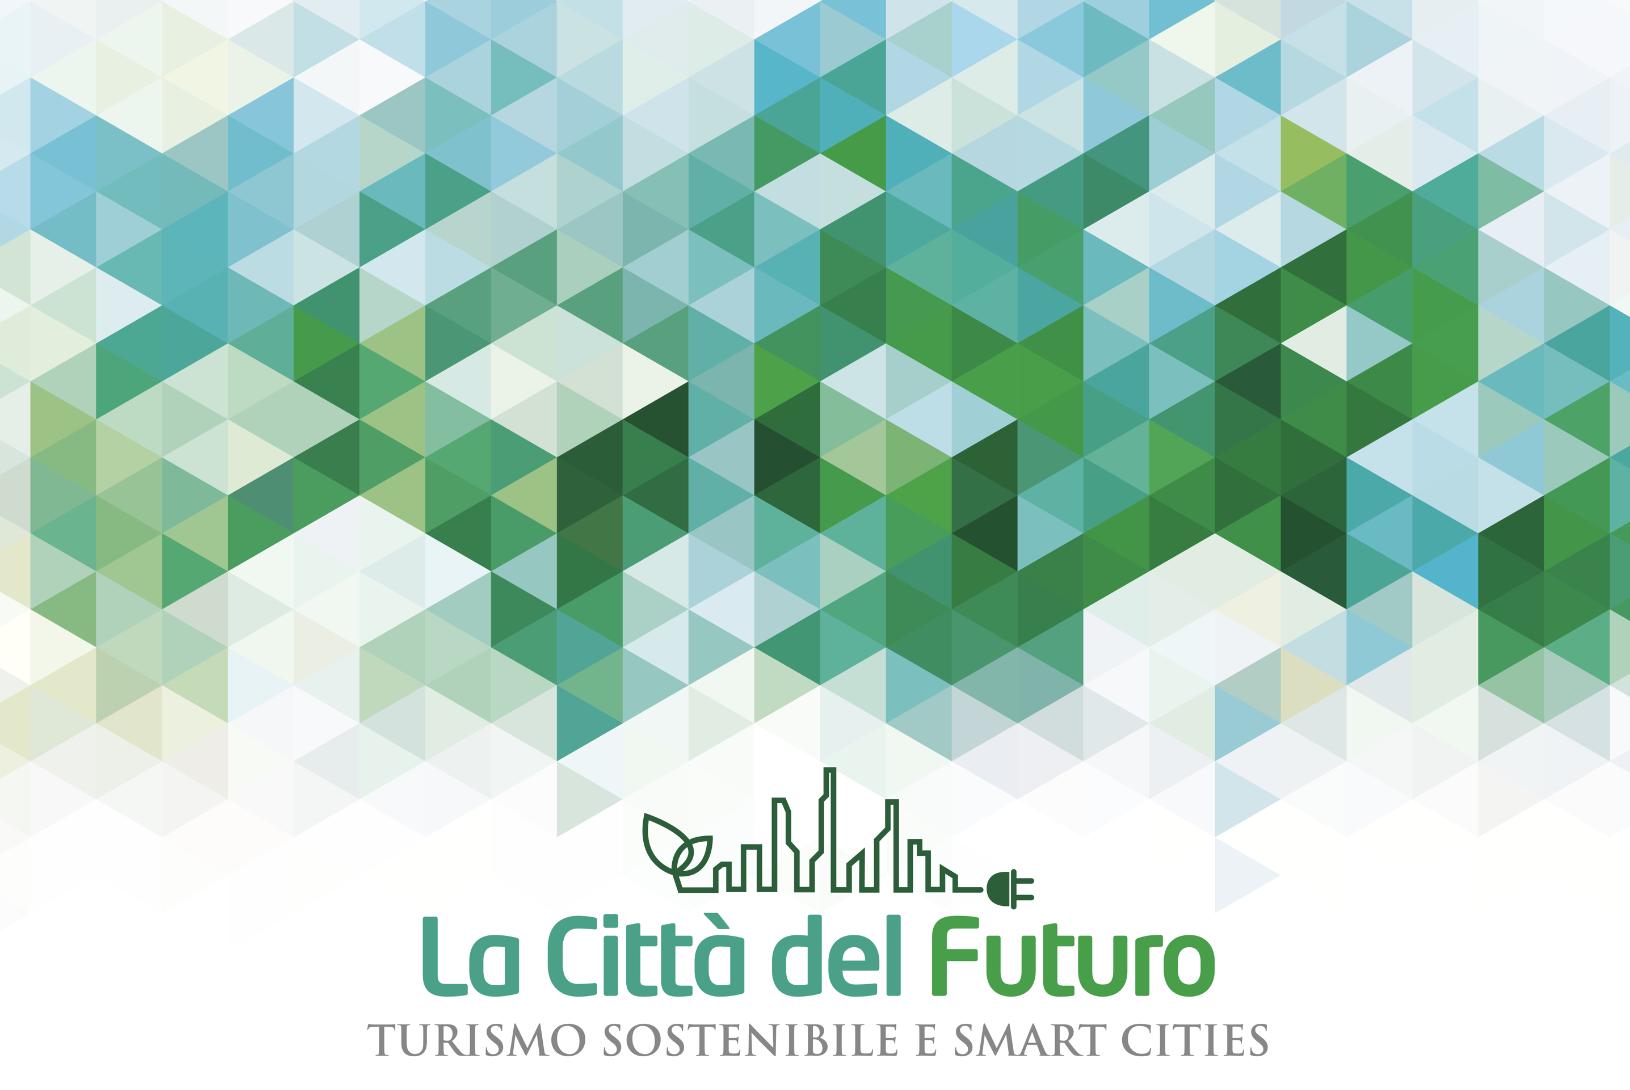 <b>Turismo sostenibile e smart cities</b>